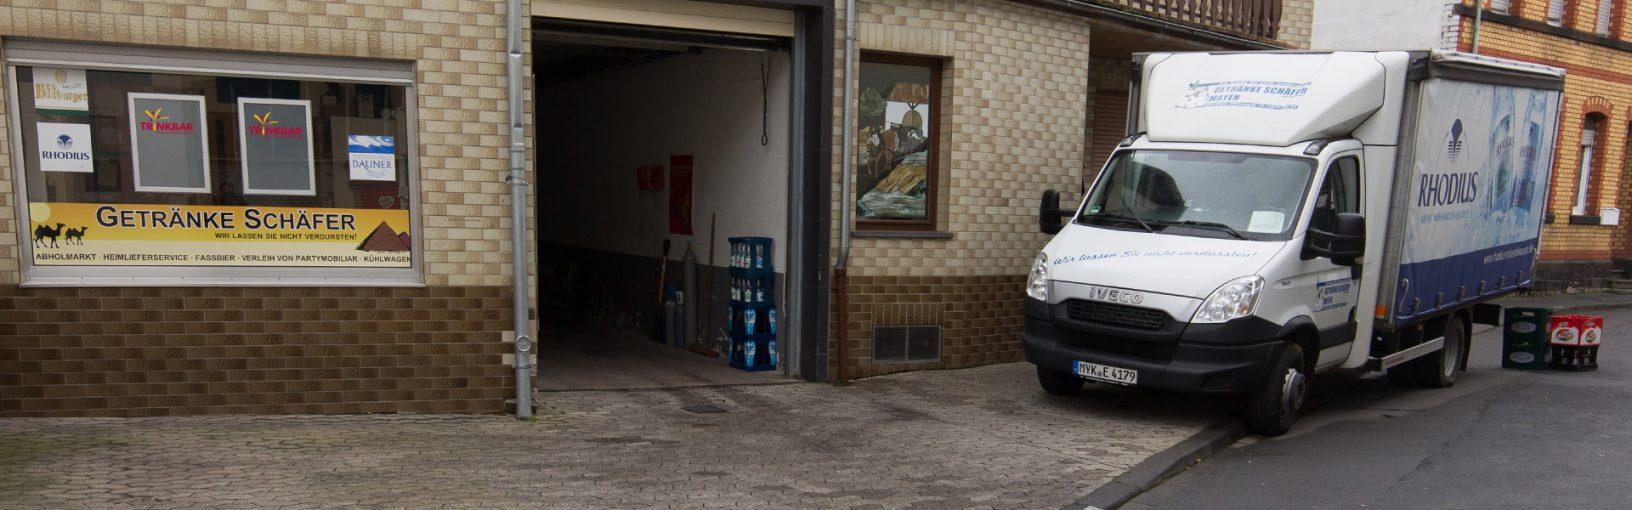 Getränke Schäfer – trinkkontor | Bitburger Bier GmbH